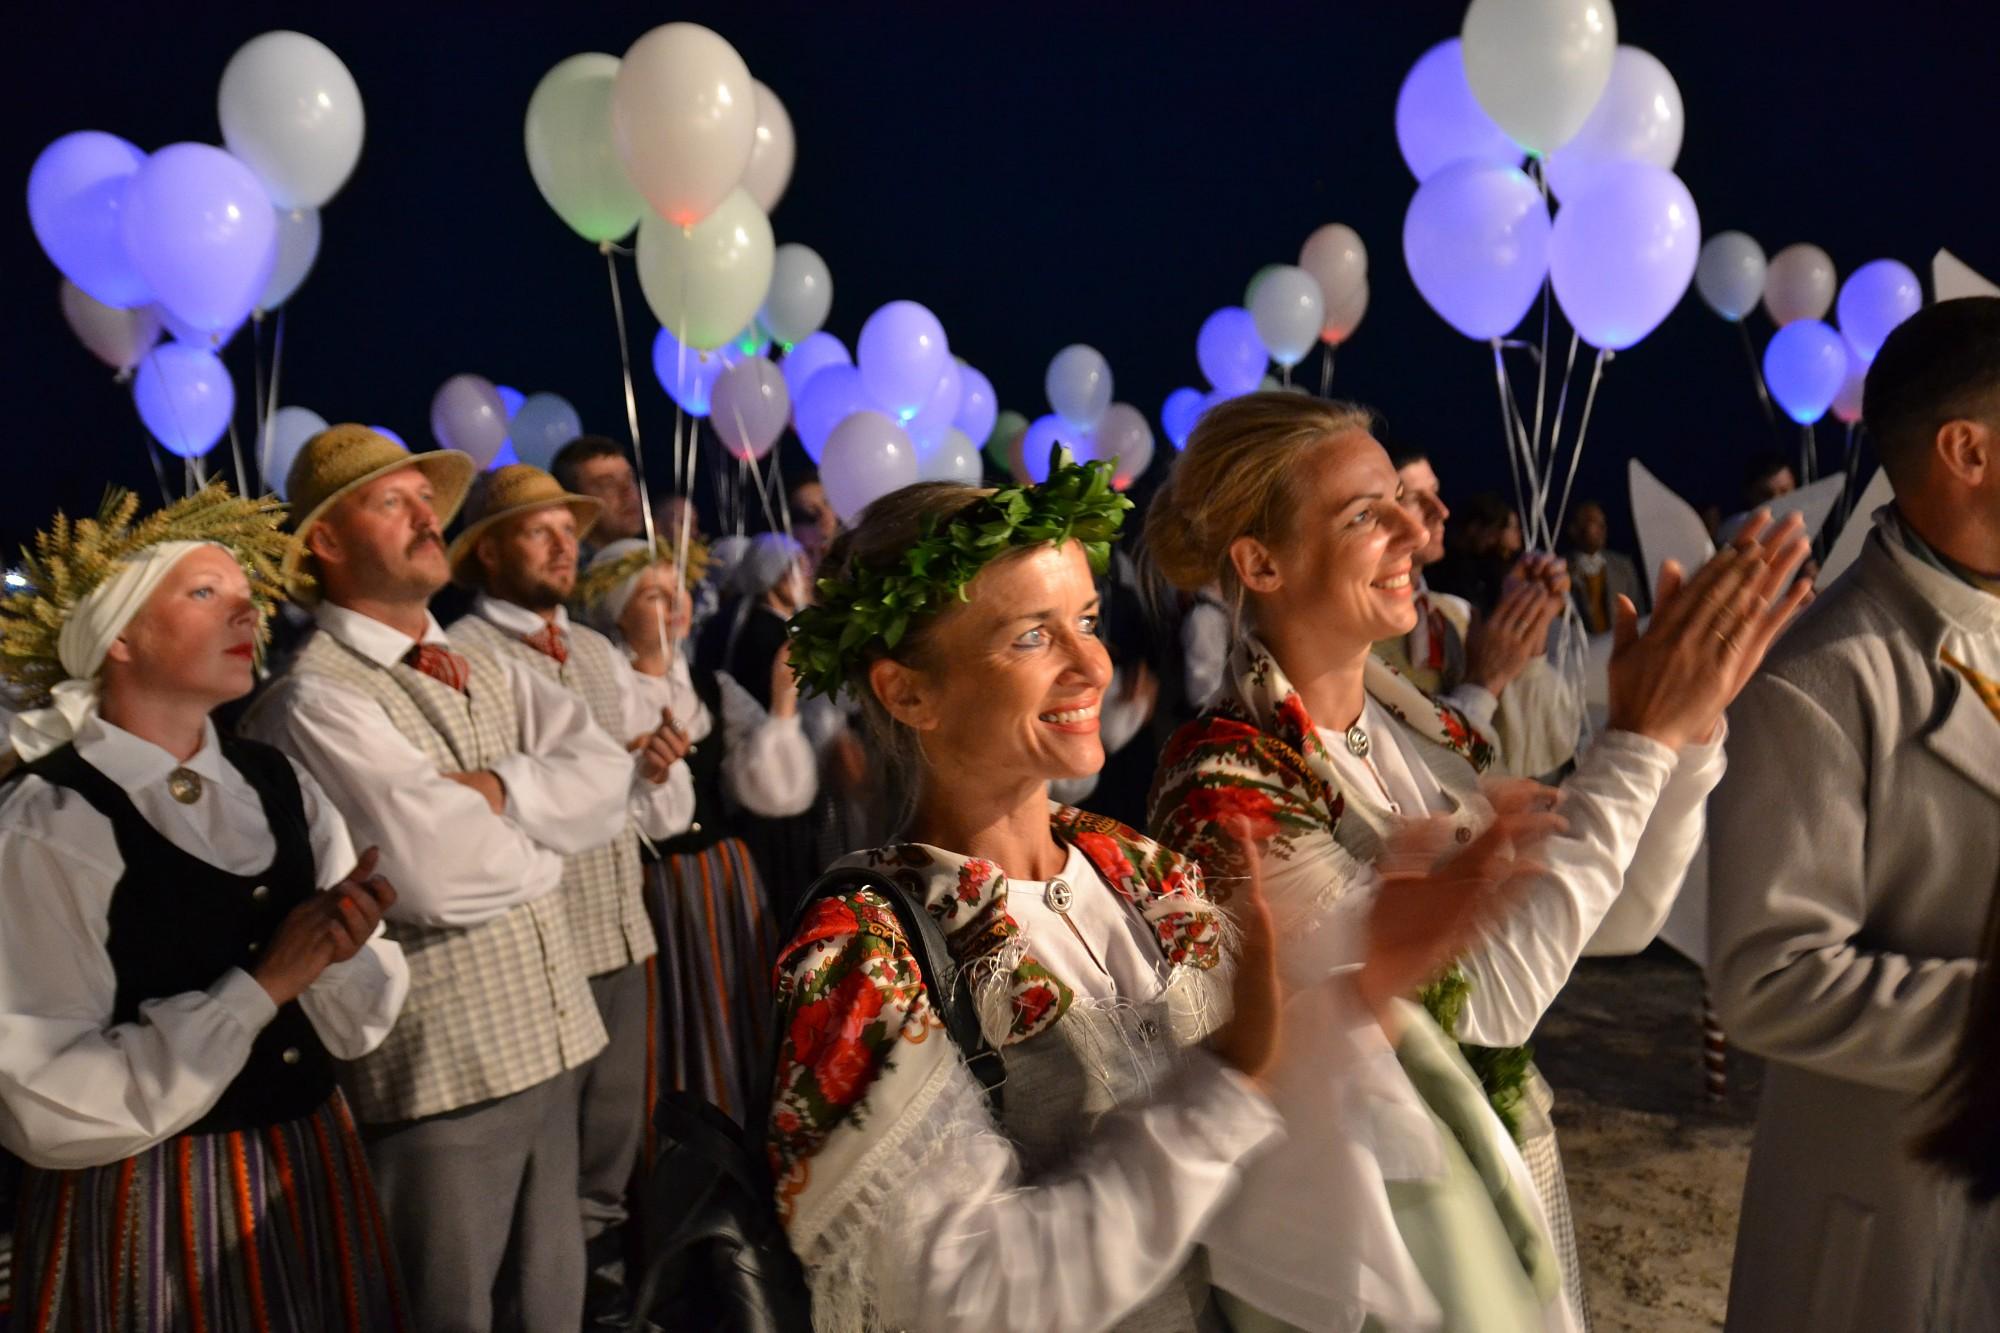 ФОТО: Фестиваль «Шаги в песке»